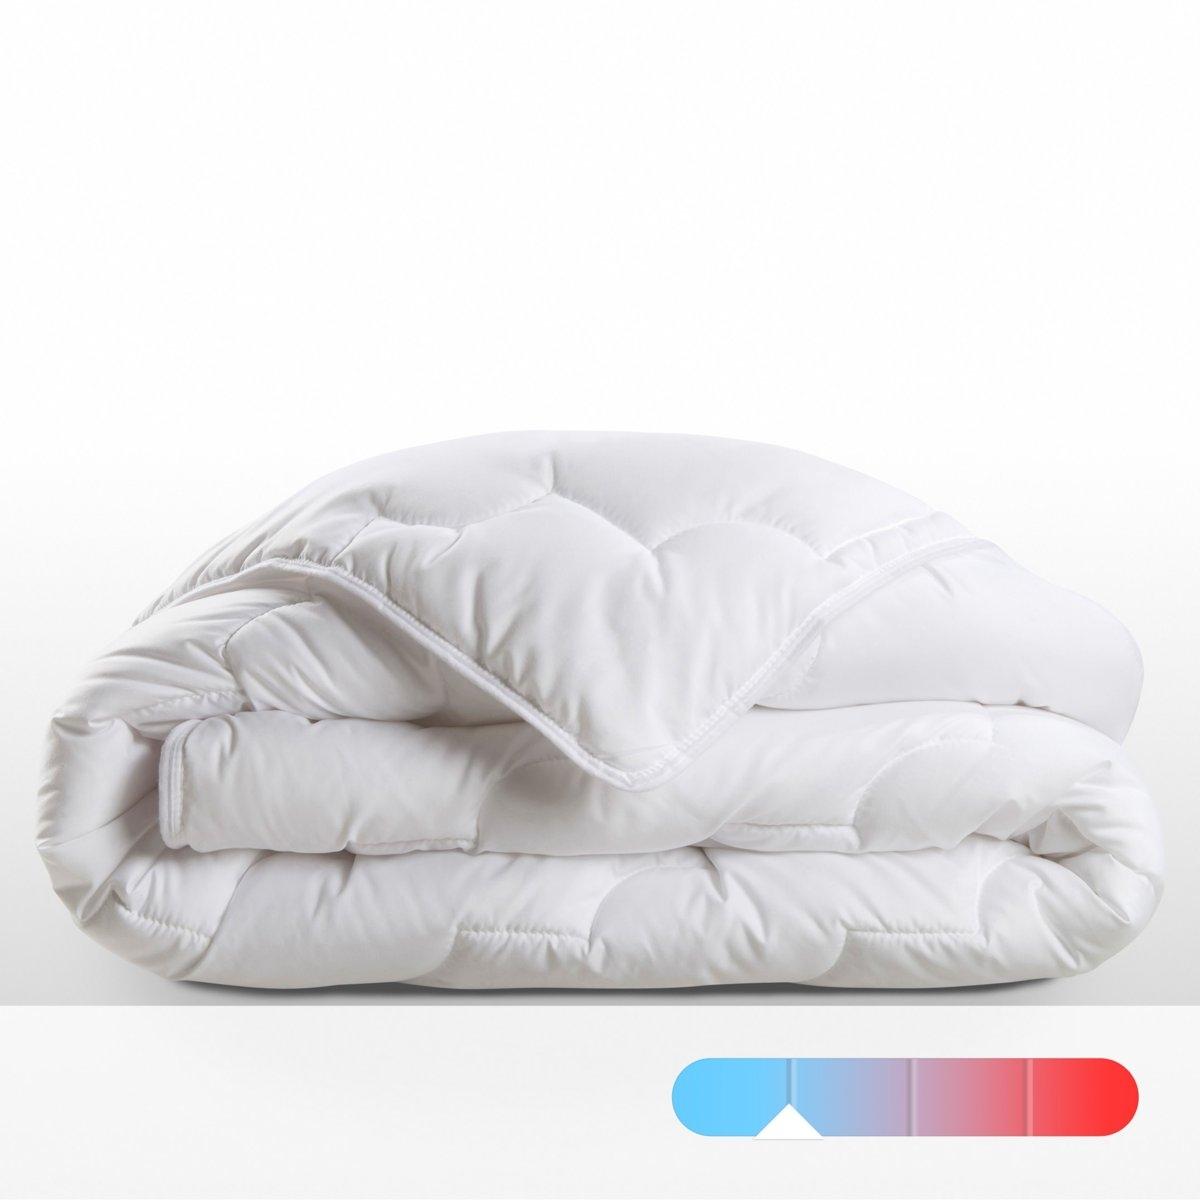 Одеяло синтетическое ультралегкоеУльтралегкий синтетический наполнитель: из микрофибры, 100% полиэстера Тинсулейт™, высокотехнологичного материала, использующегося для наполнения лыжной одежды и одежды для экпедиций в места с экстремально низкими температурами: ультралегкие микроволокна этого материала удерживают больше воздуха в меньшем объеме. Одеяло с наполнителем из Тинсулейта™ можно стирать дома, материал не сваливается и быстро сохнет.Ультралегкое синтетическое полотно 150 г/м? : однотонный батист из микрофибры, 100% полиэстера.Отделка кантом. Прострочка: квадратная прострочка. Стирка при 60°, машинная сушка.Идеально для прохладной комнаты 12 - 15 °.Сертификат OEKO- TEX<br><br>Цвет: белый